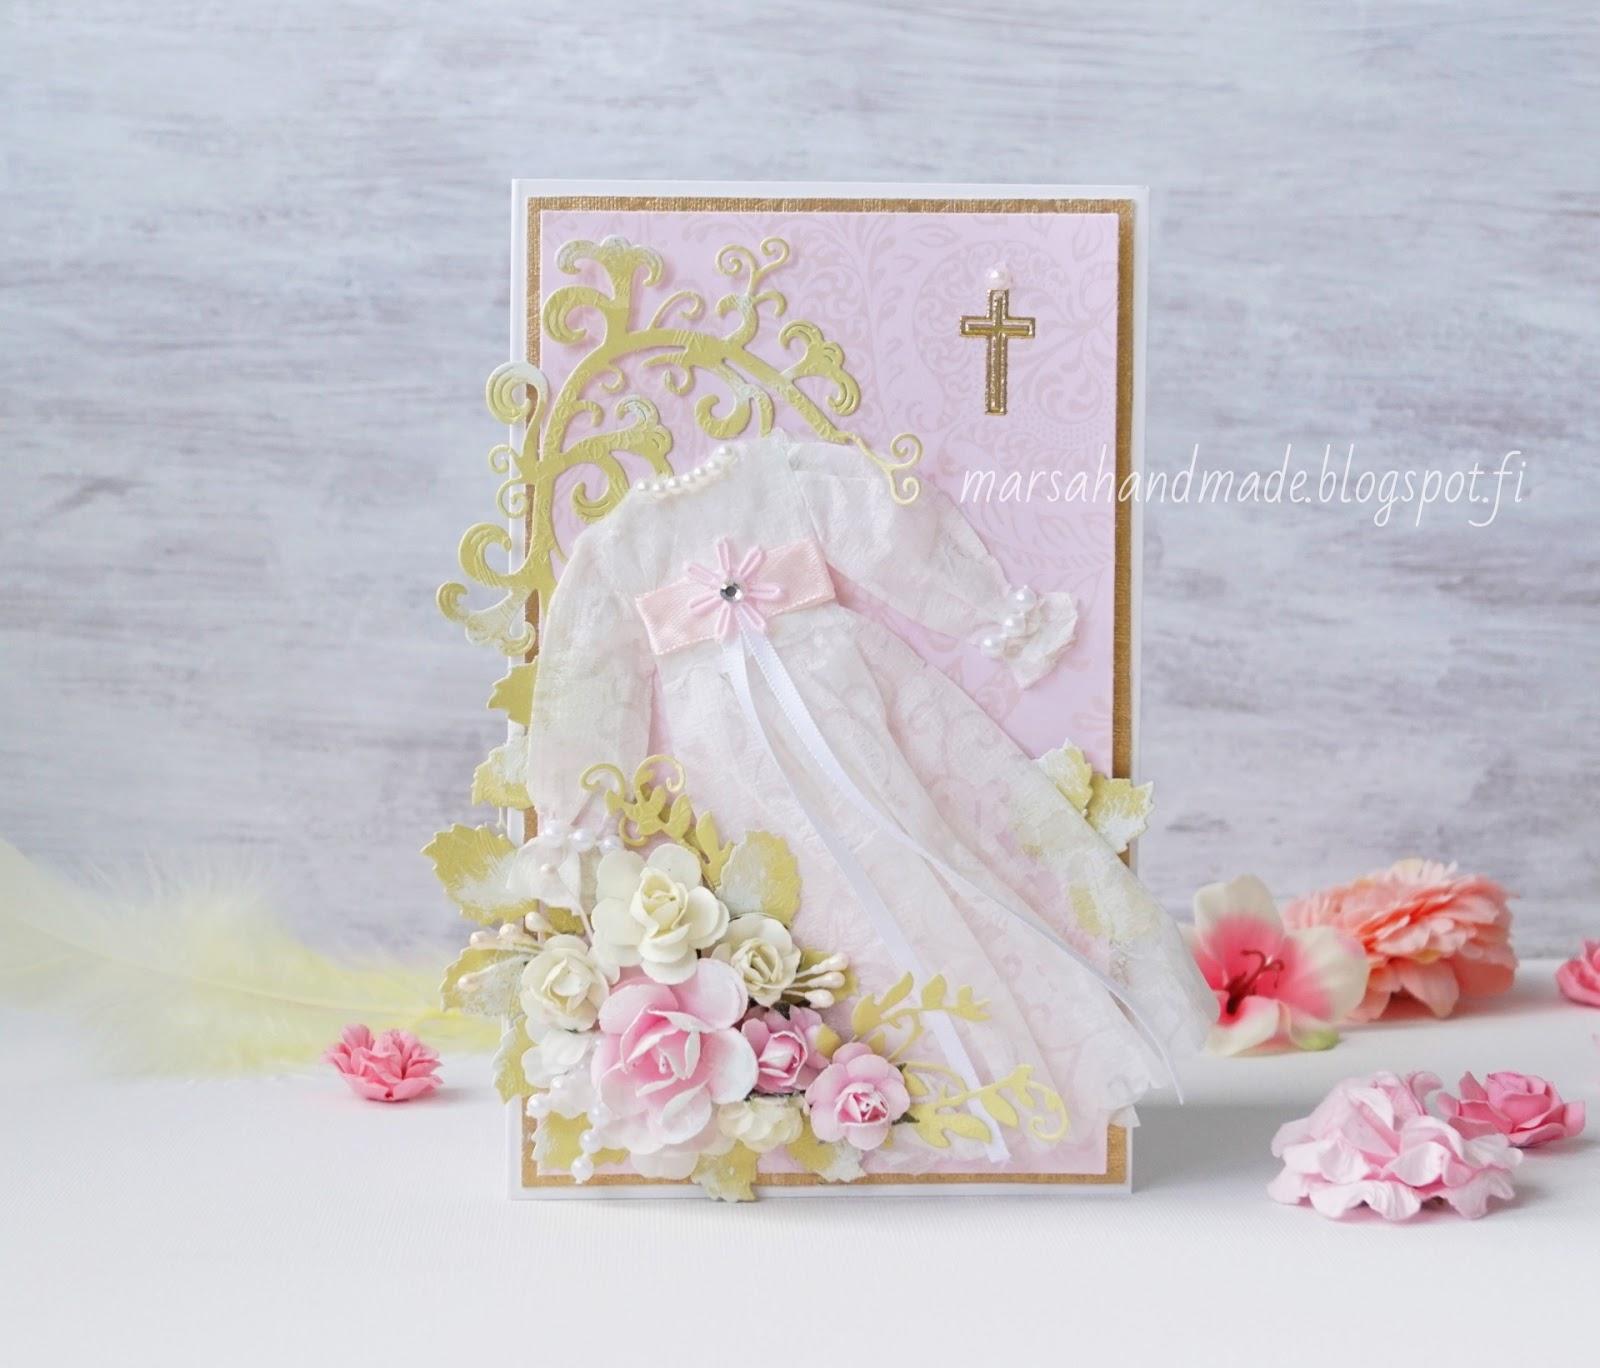 открытка на крестины своими руками мастер класс человек прекрасен